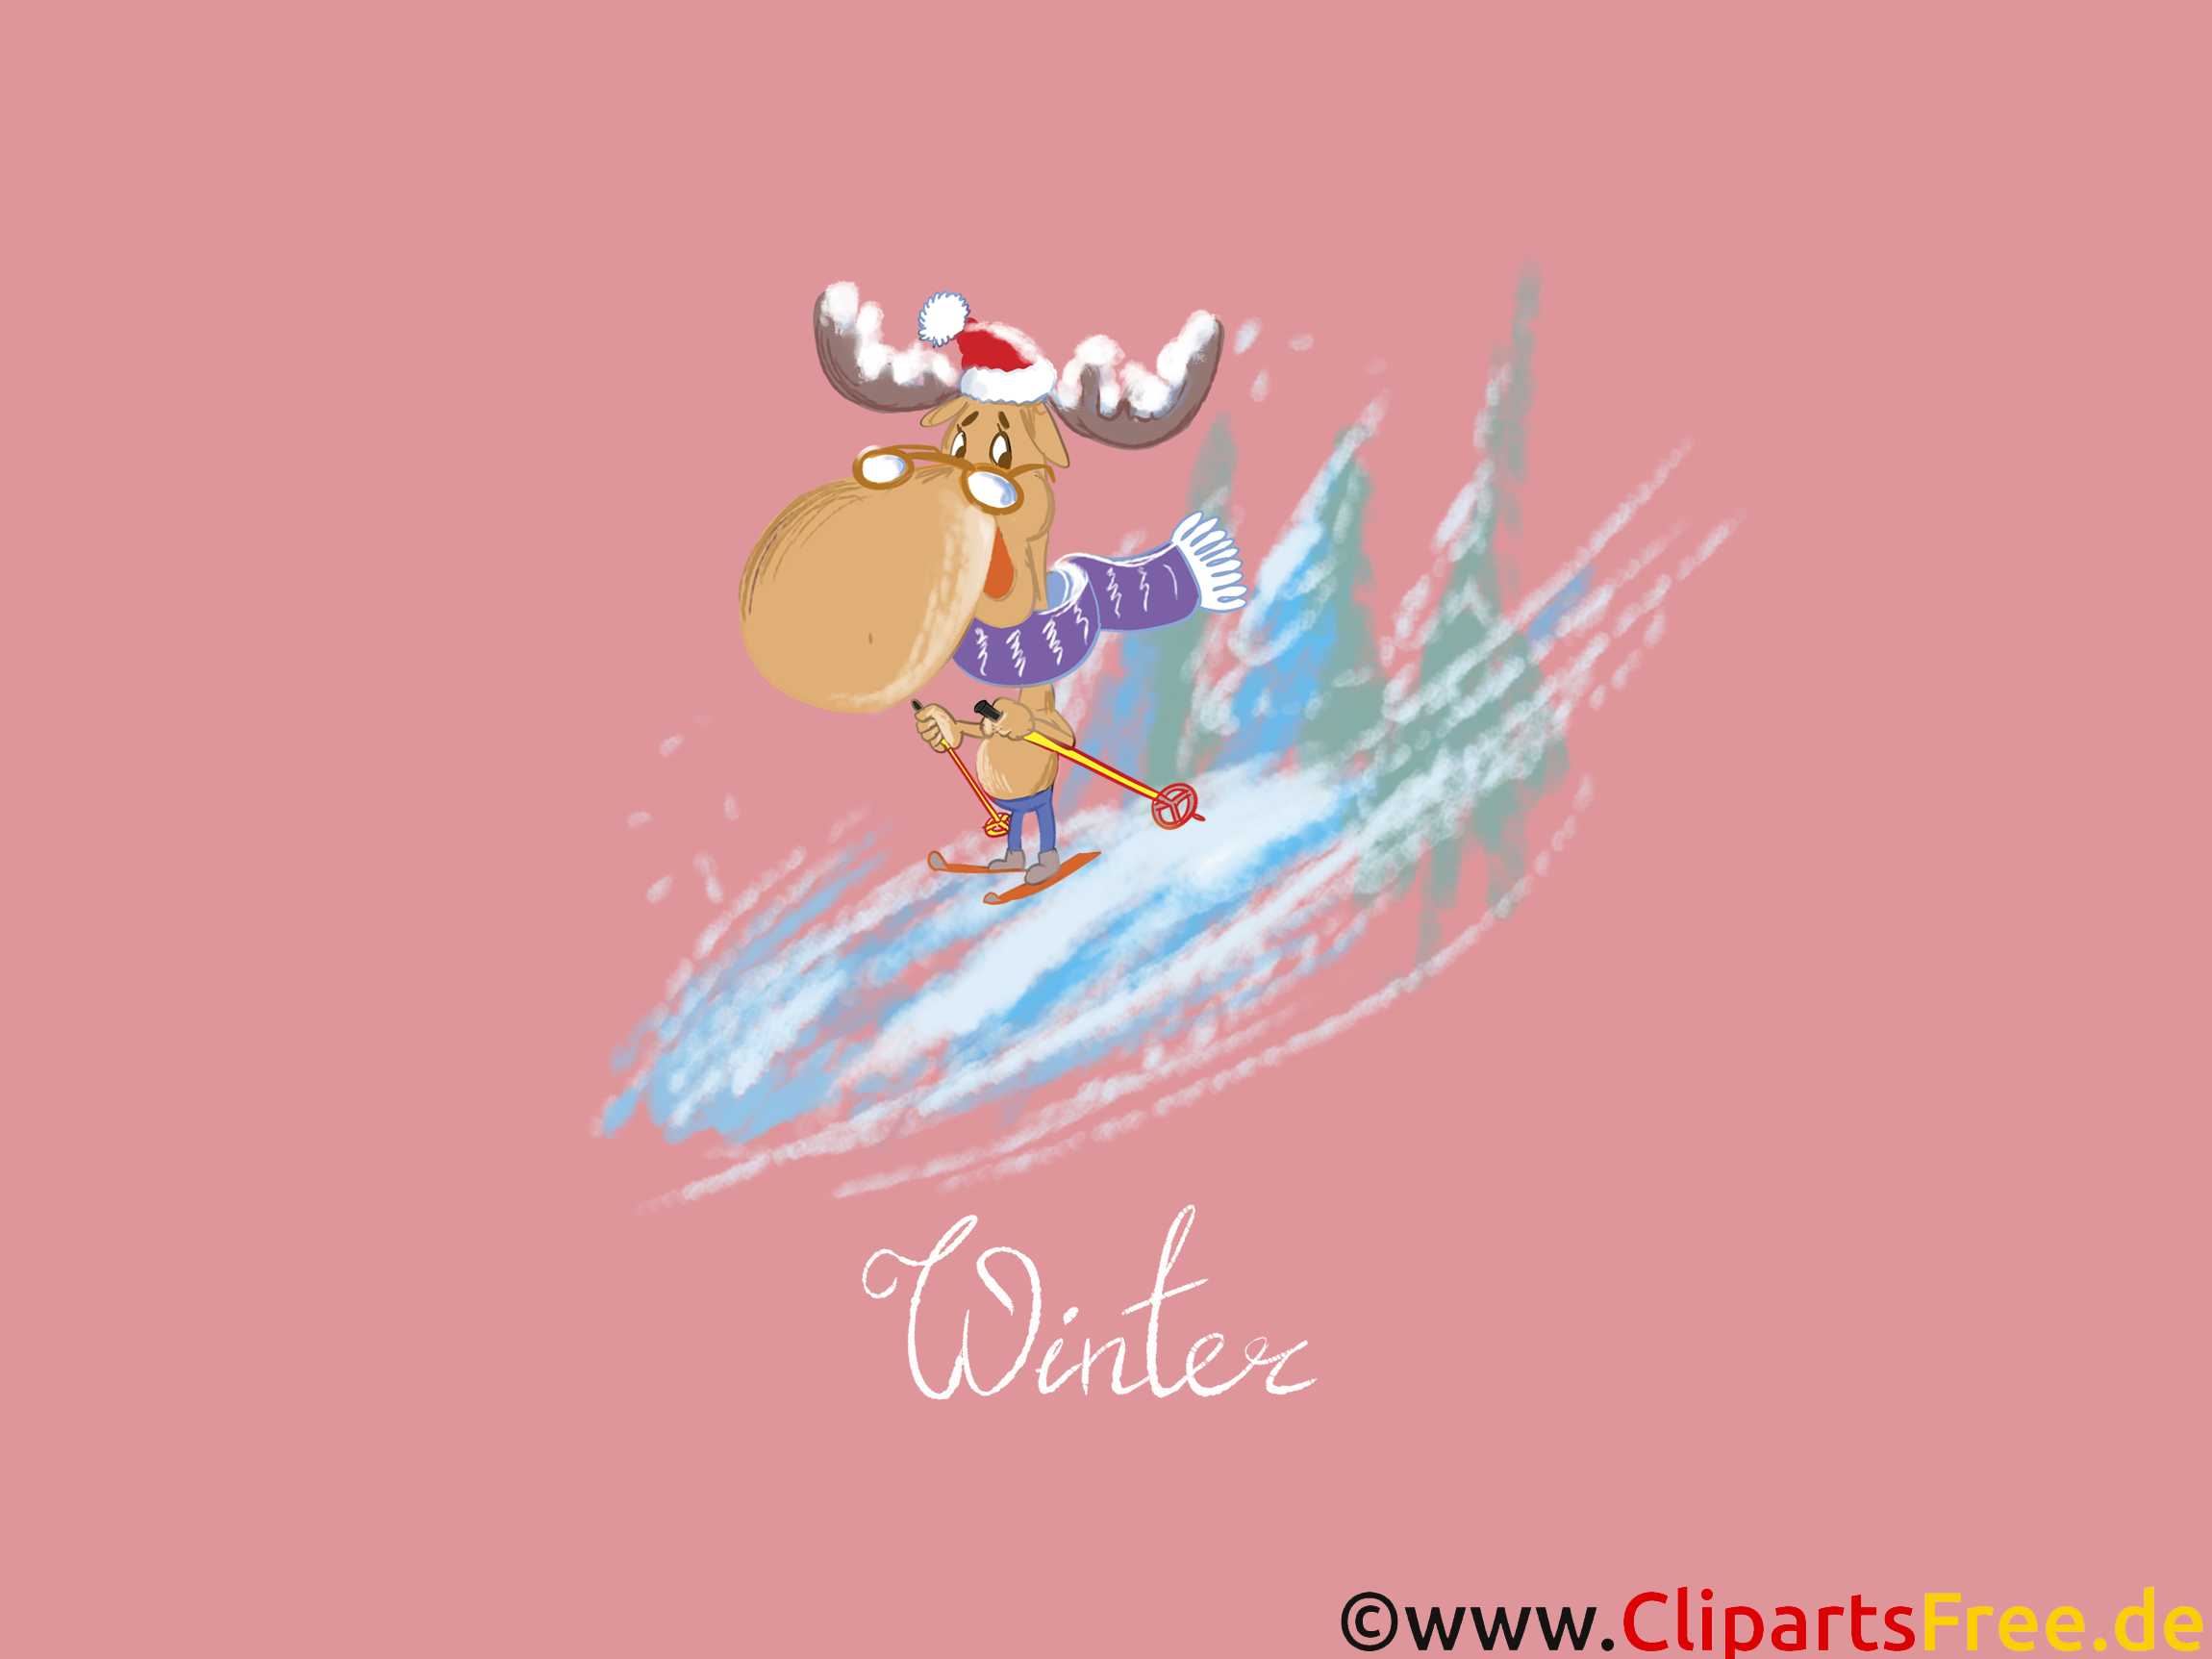 Hintergrundbild Desktop kostenlos zum Thema Winter